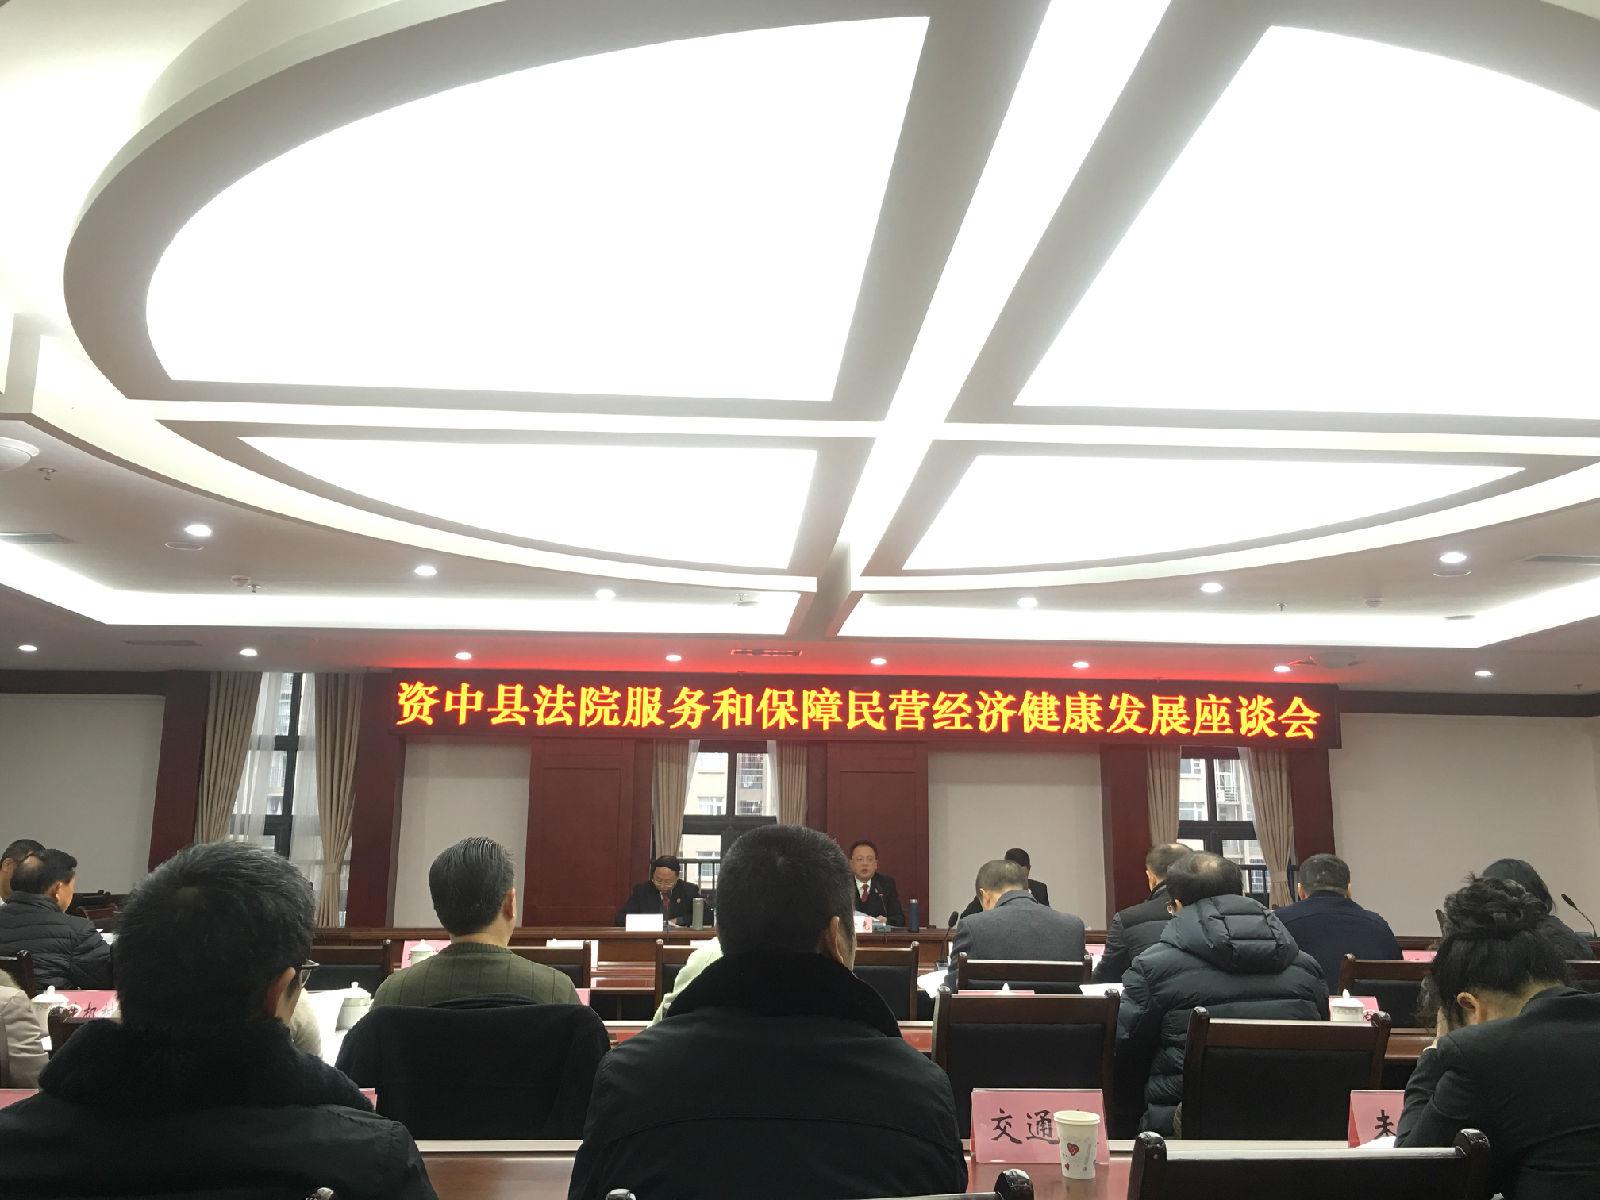 董事长曹爱武受邀参加资中县法院服务和保障民营经济健康发展座谈会